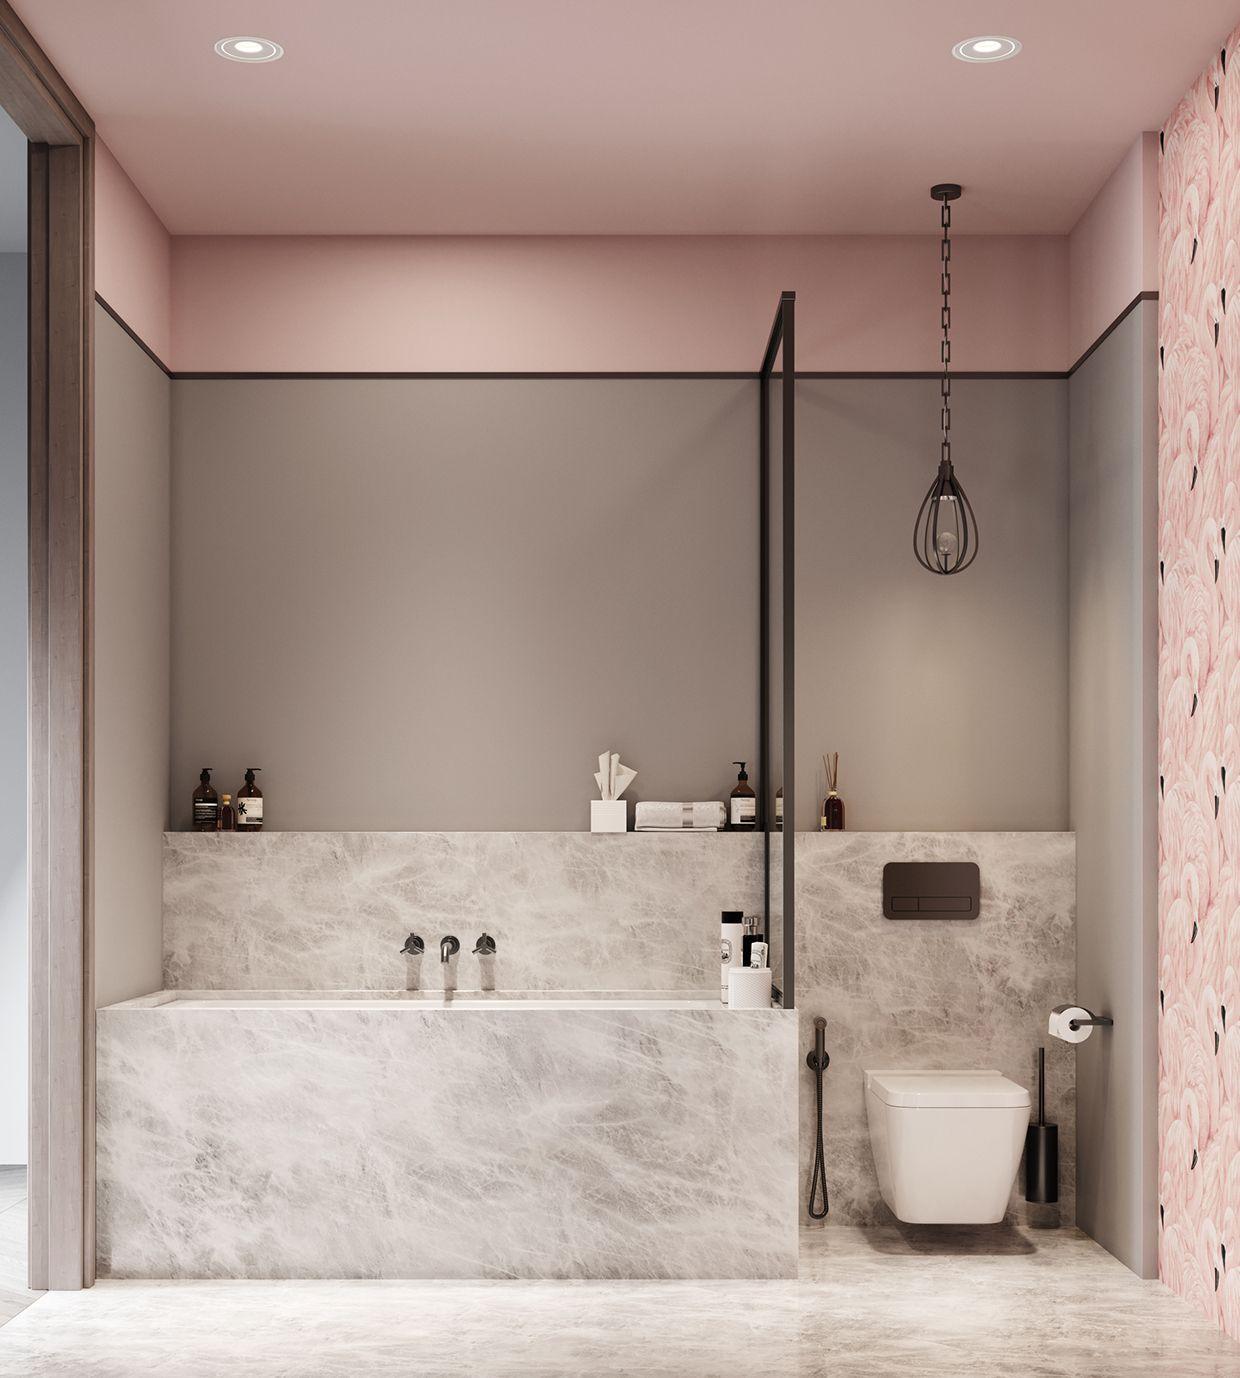 Badkamer in roze én marmer. - Badkamers | Pinterest - Badkamer, Roze ...